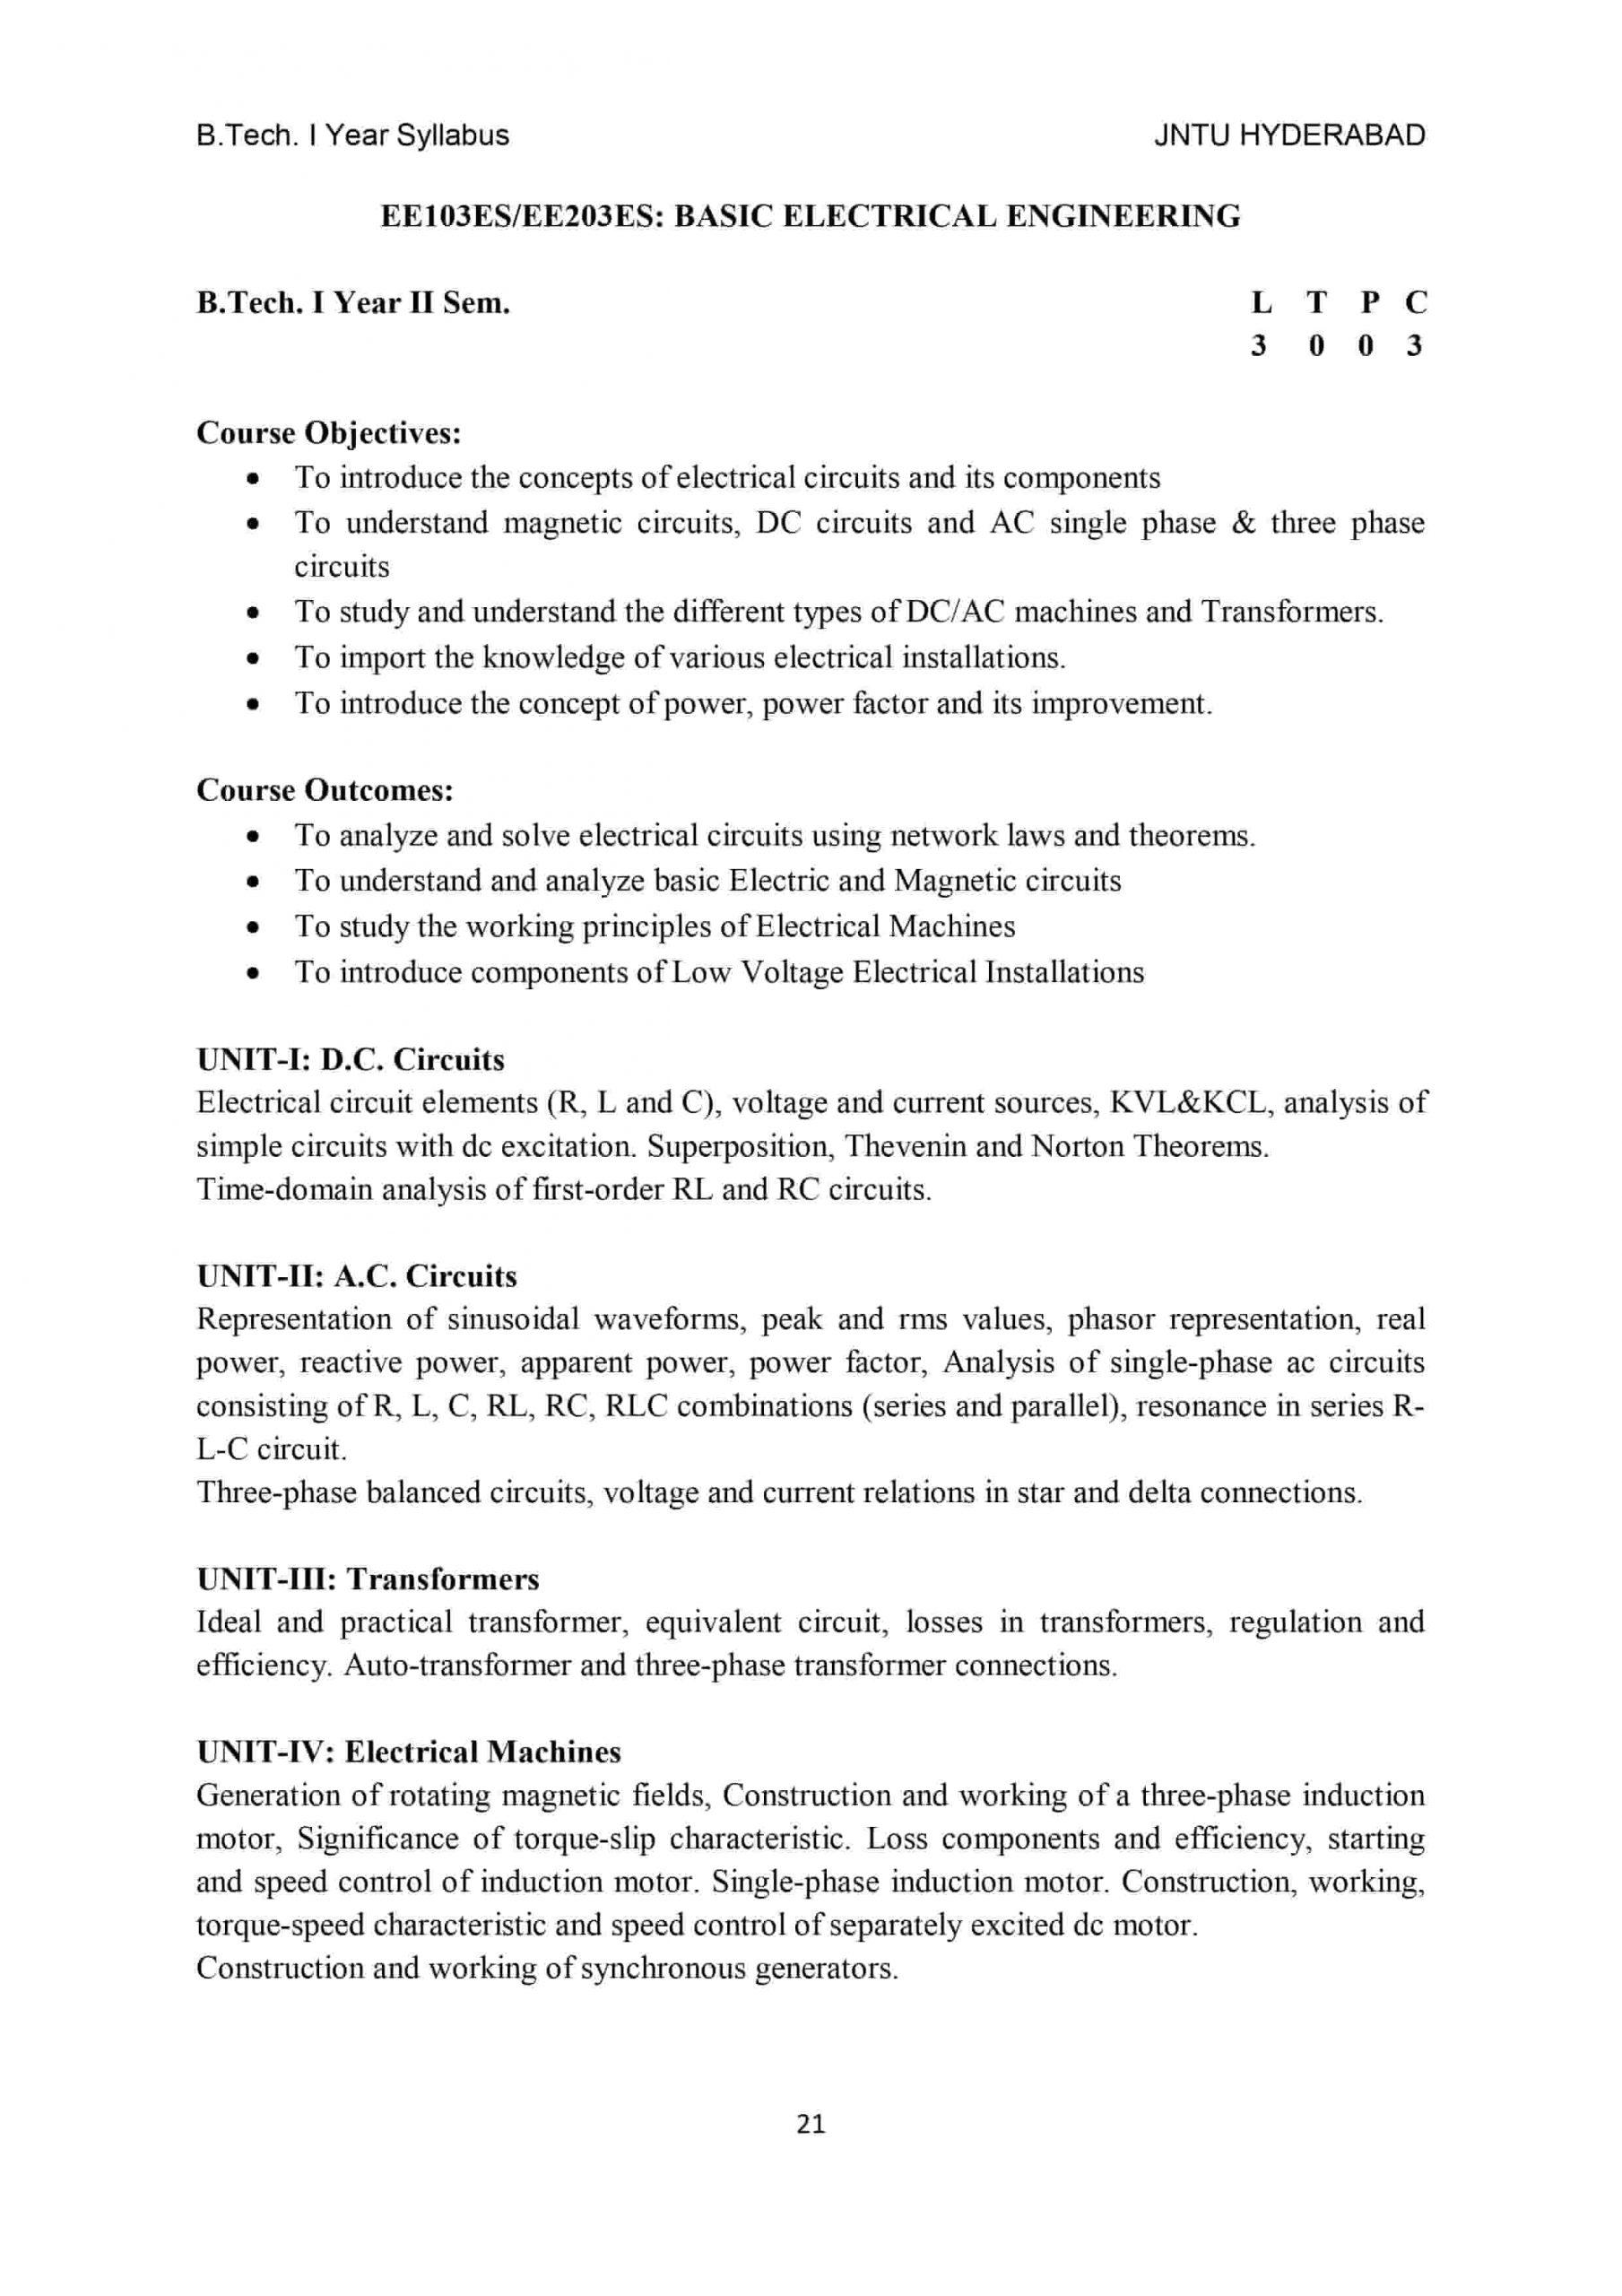 Basic Electrical Engineering BEE btech r18 jntuh syllabus pdf download